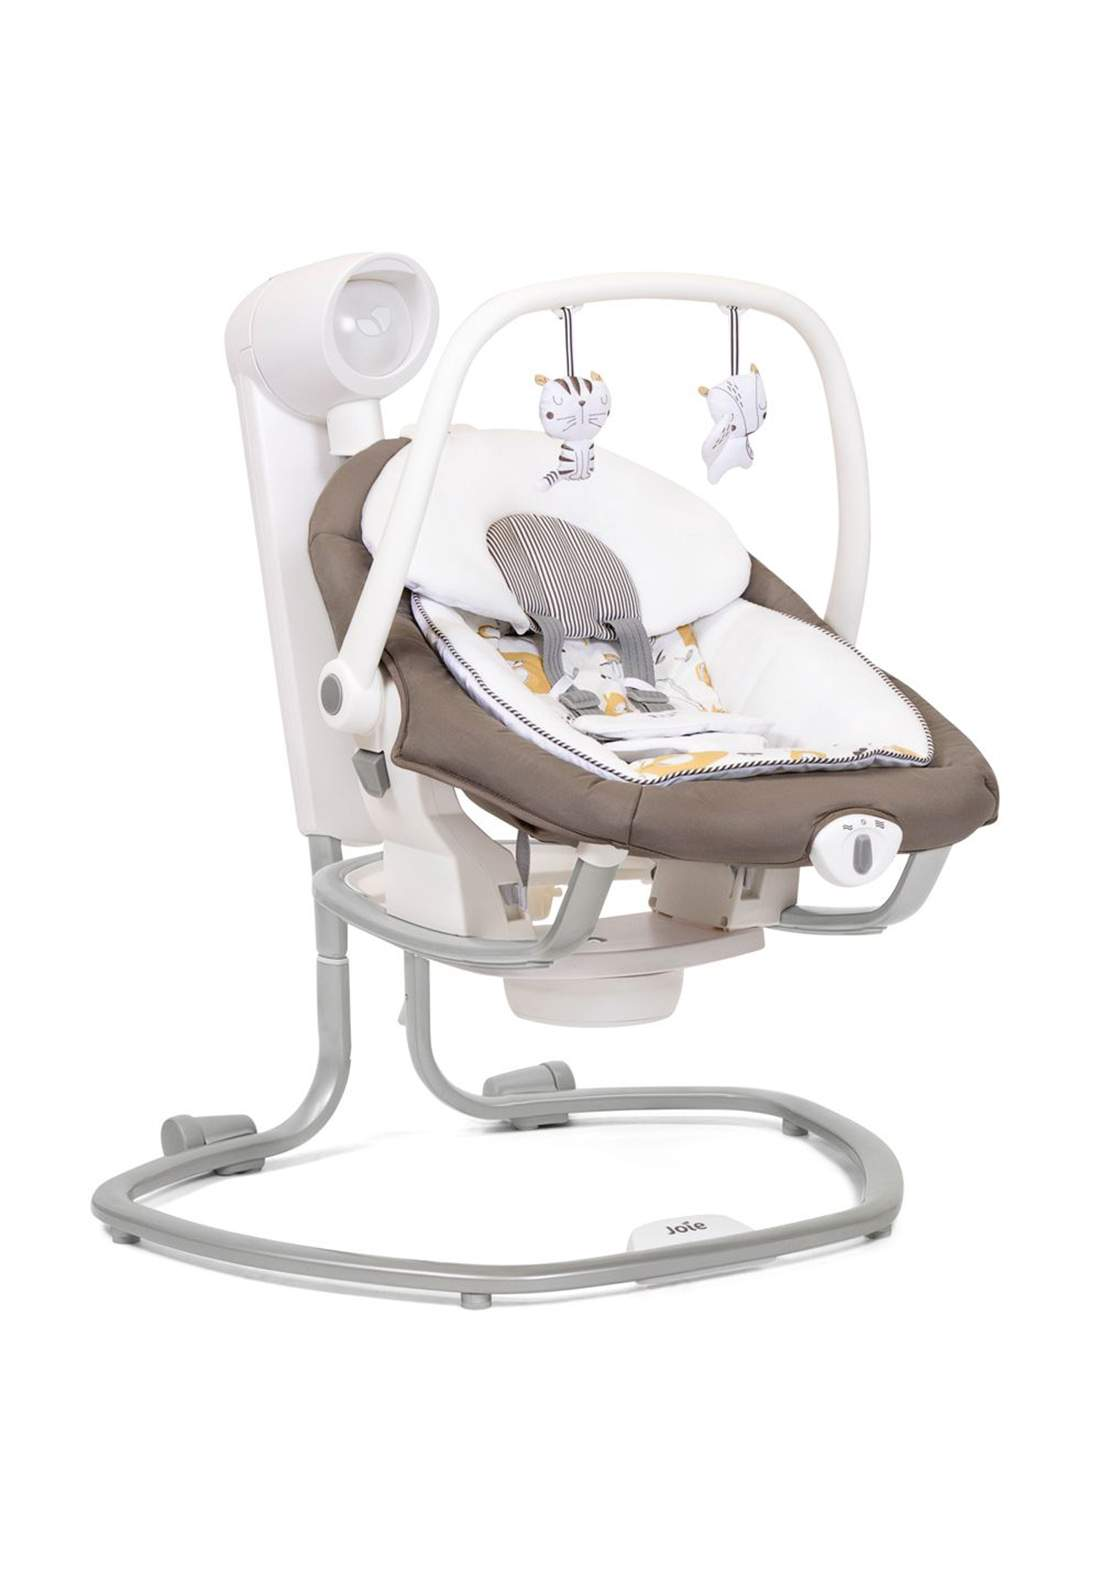 كرسي هزاز للاطفال لحديثي الولادة Joie Baby W1306ABCOZ000 2in1 Swing Cosy Spase